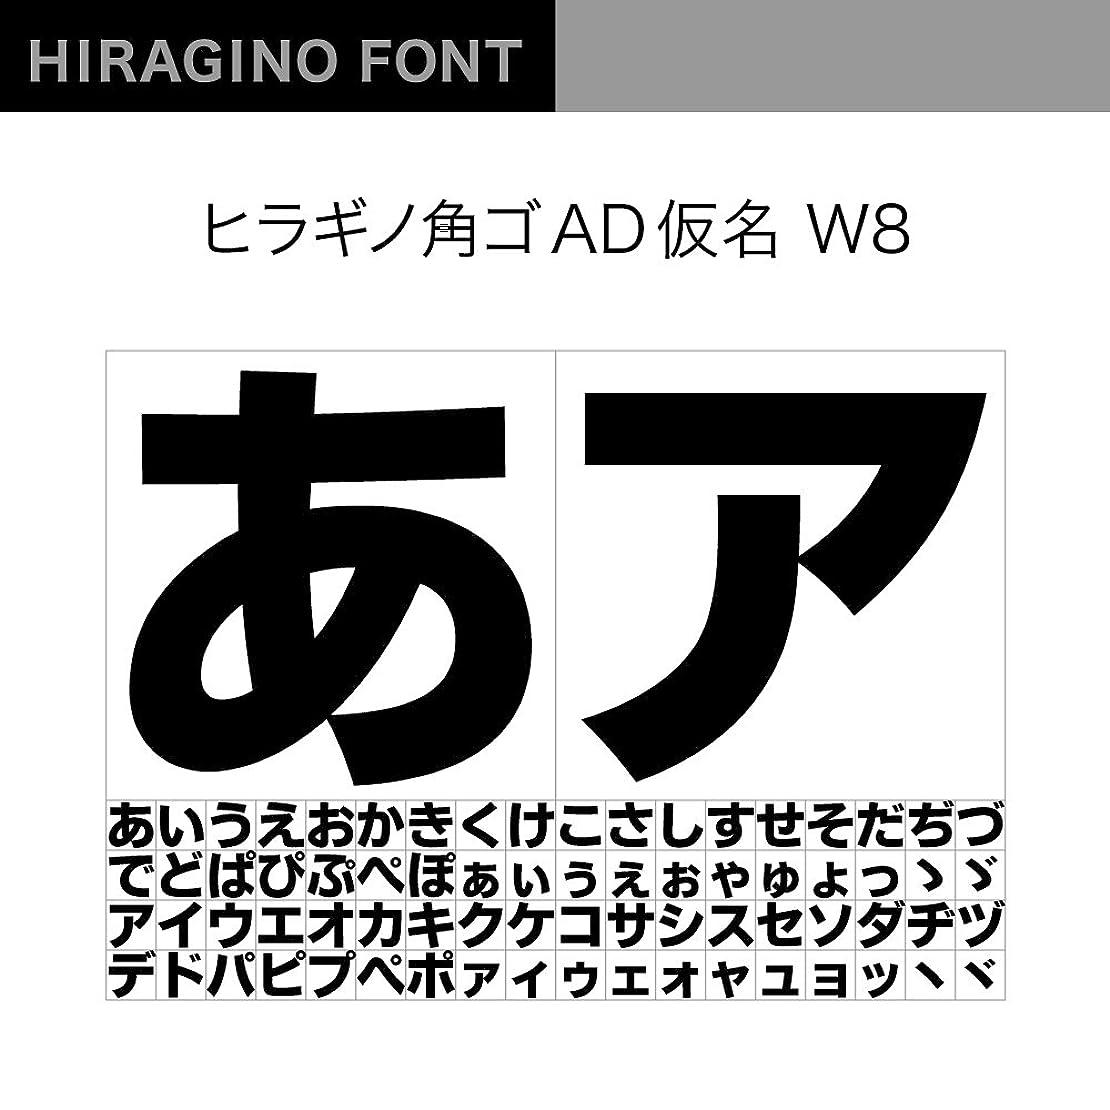 ライトニング時間厳守苦難OpenType ヒラギノ角ゴAD仮名 W8 [ダウンロード]